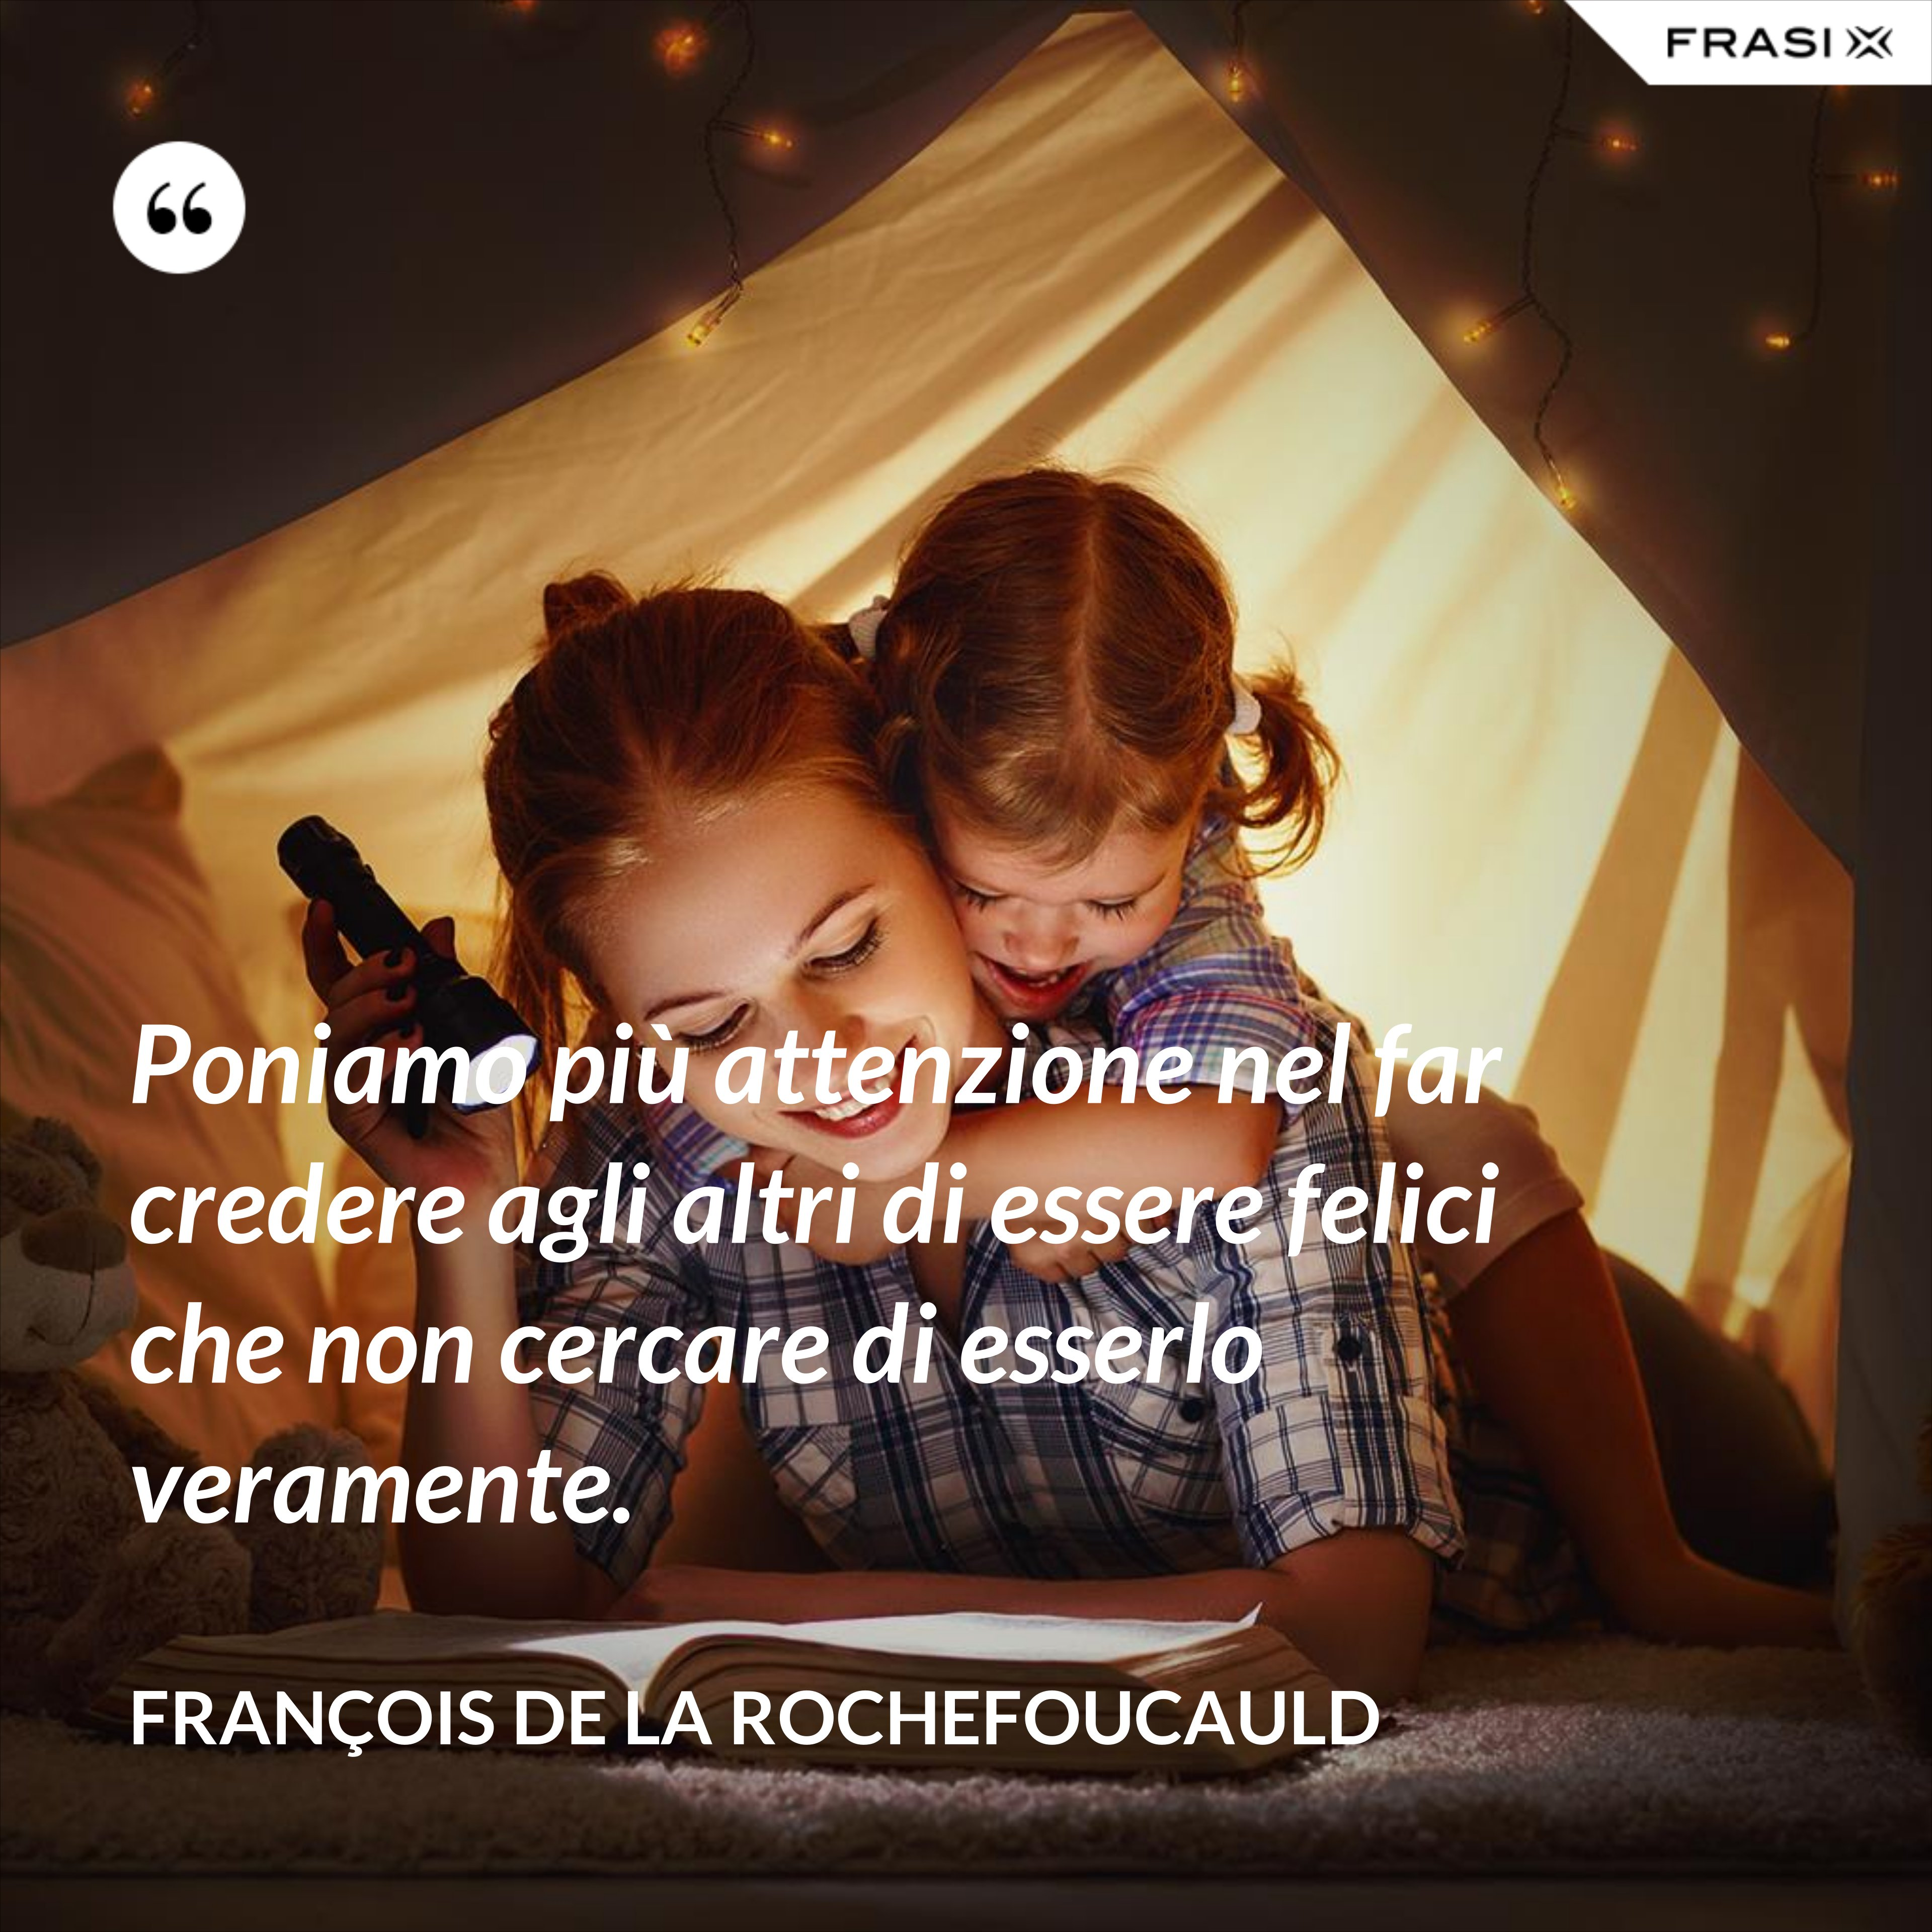 Poniamo più attenzione nel far credere agli altri di essere felici che non cercare di esserlo veramente. - François de La Rochefoucauld